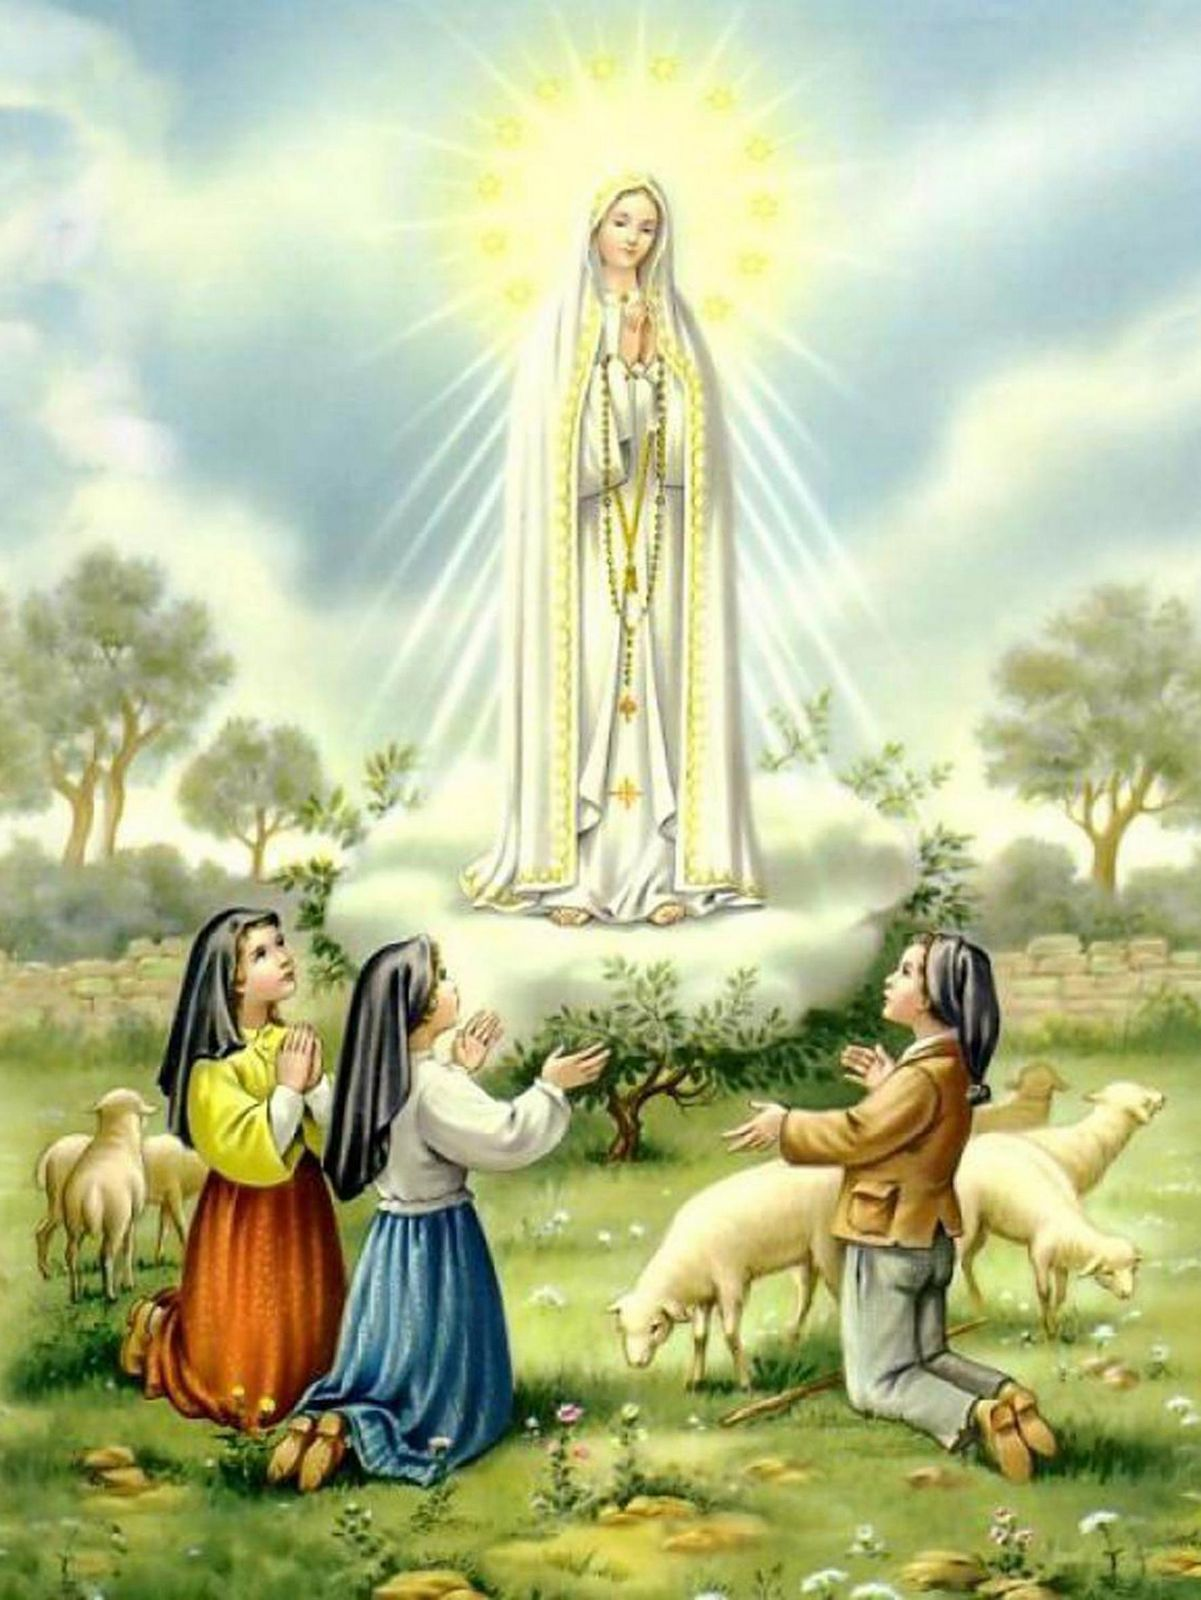 Iconografia da Primeira Aparição de Nossa Senhora em Fátima!